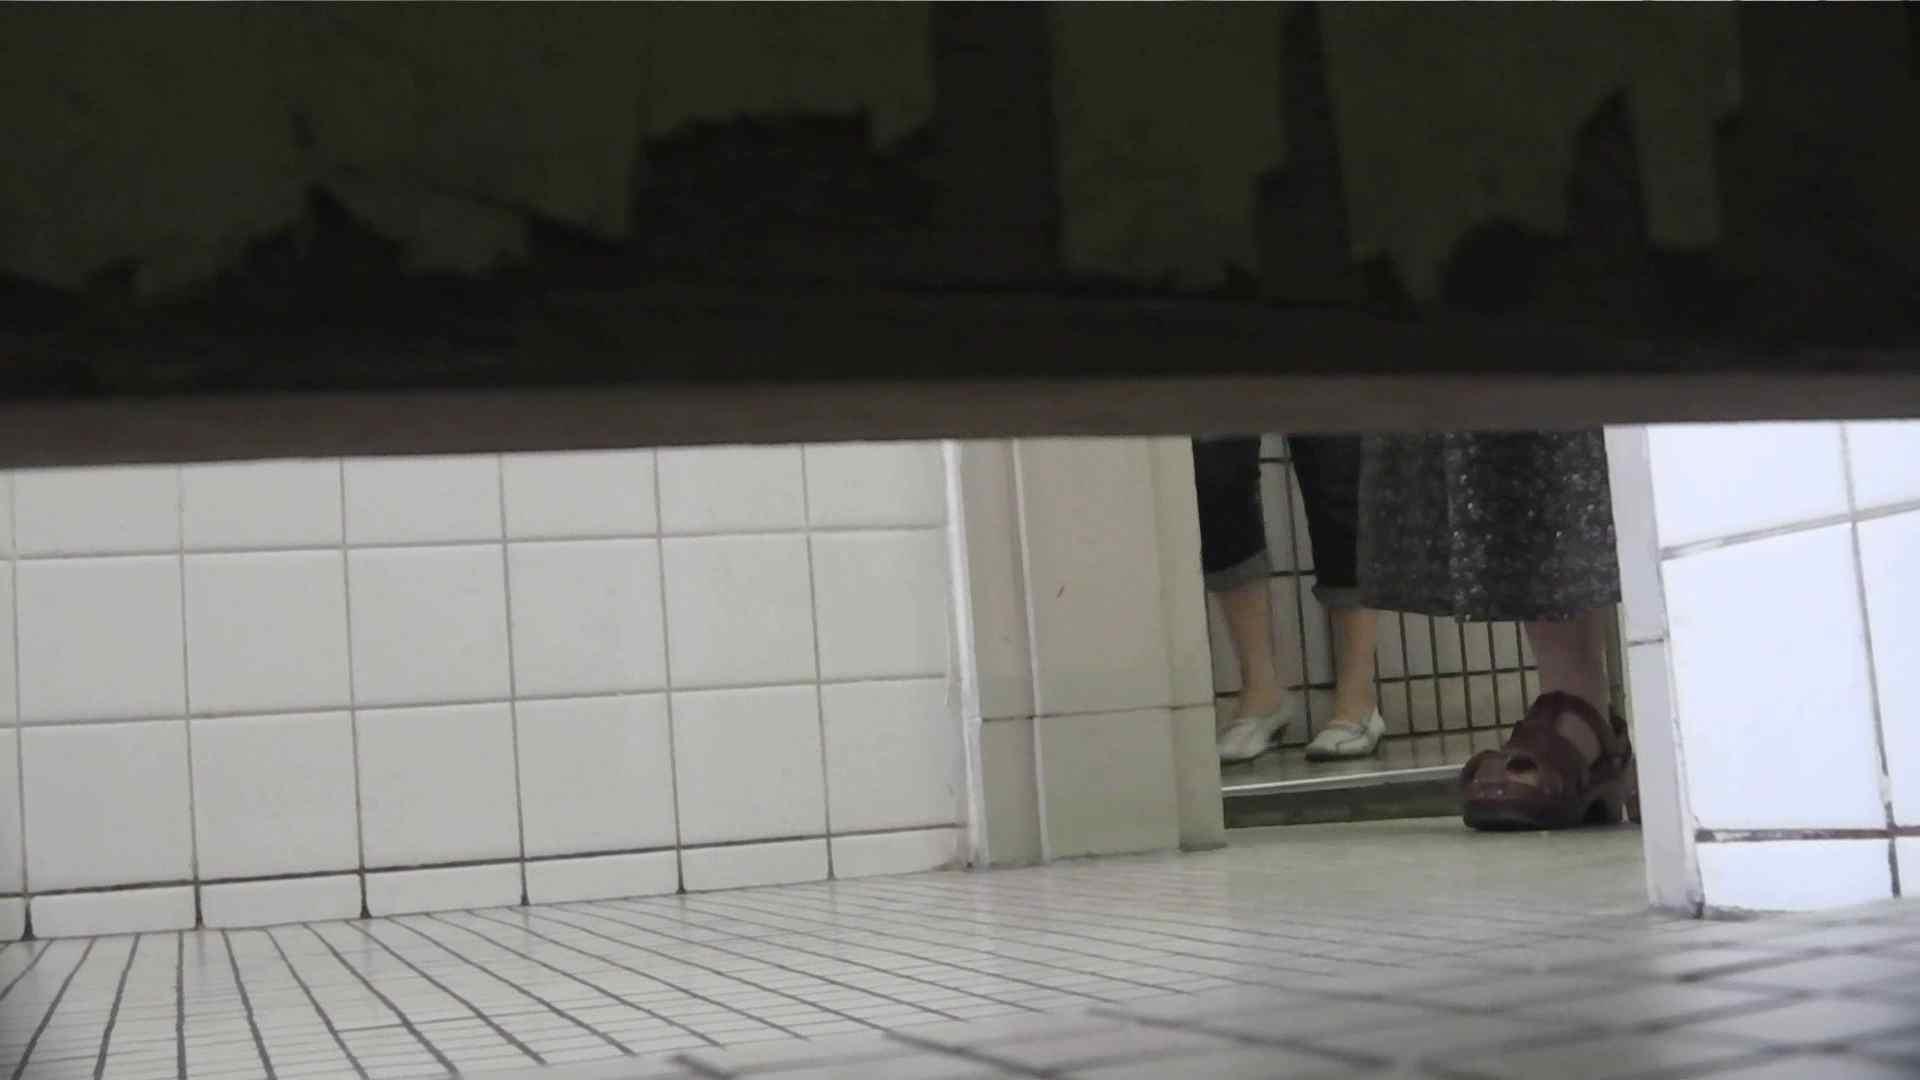 【美しき個室な世界】 vol.018 ピンクのおネエタン 洗面所のぞき | 0  81枚 79